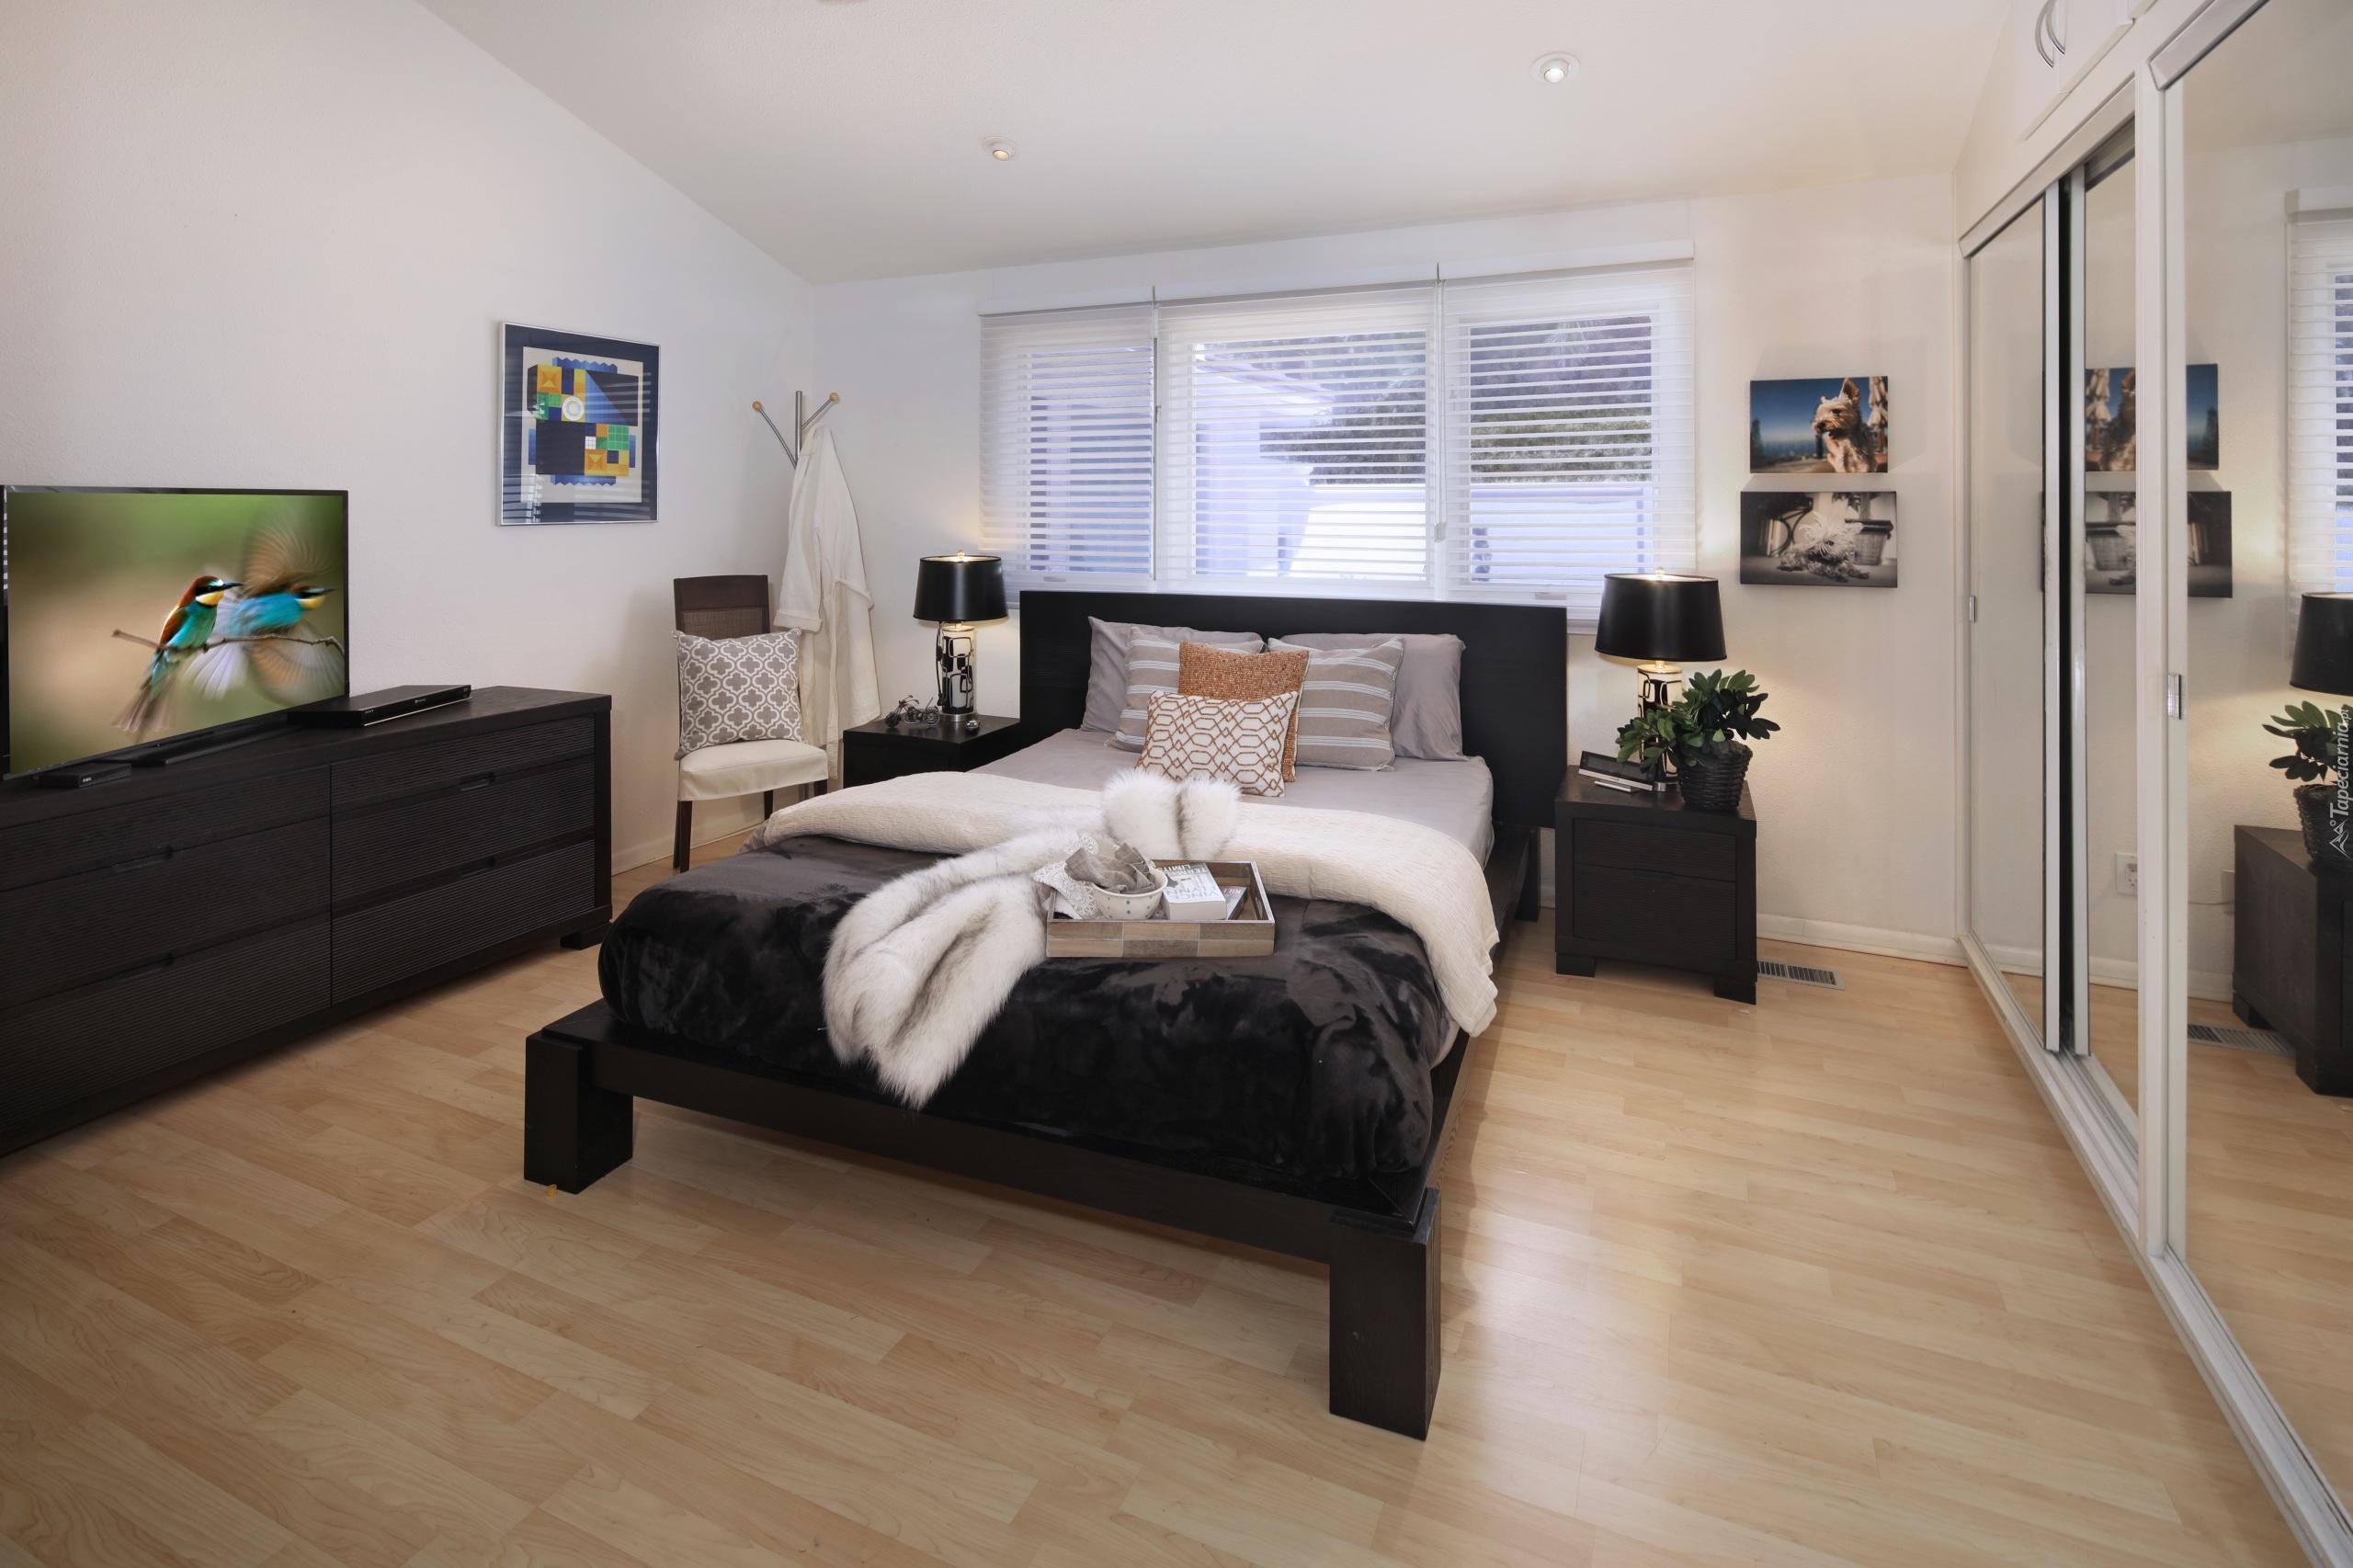 Sypialnia Z łóżkiem I Telewizorem